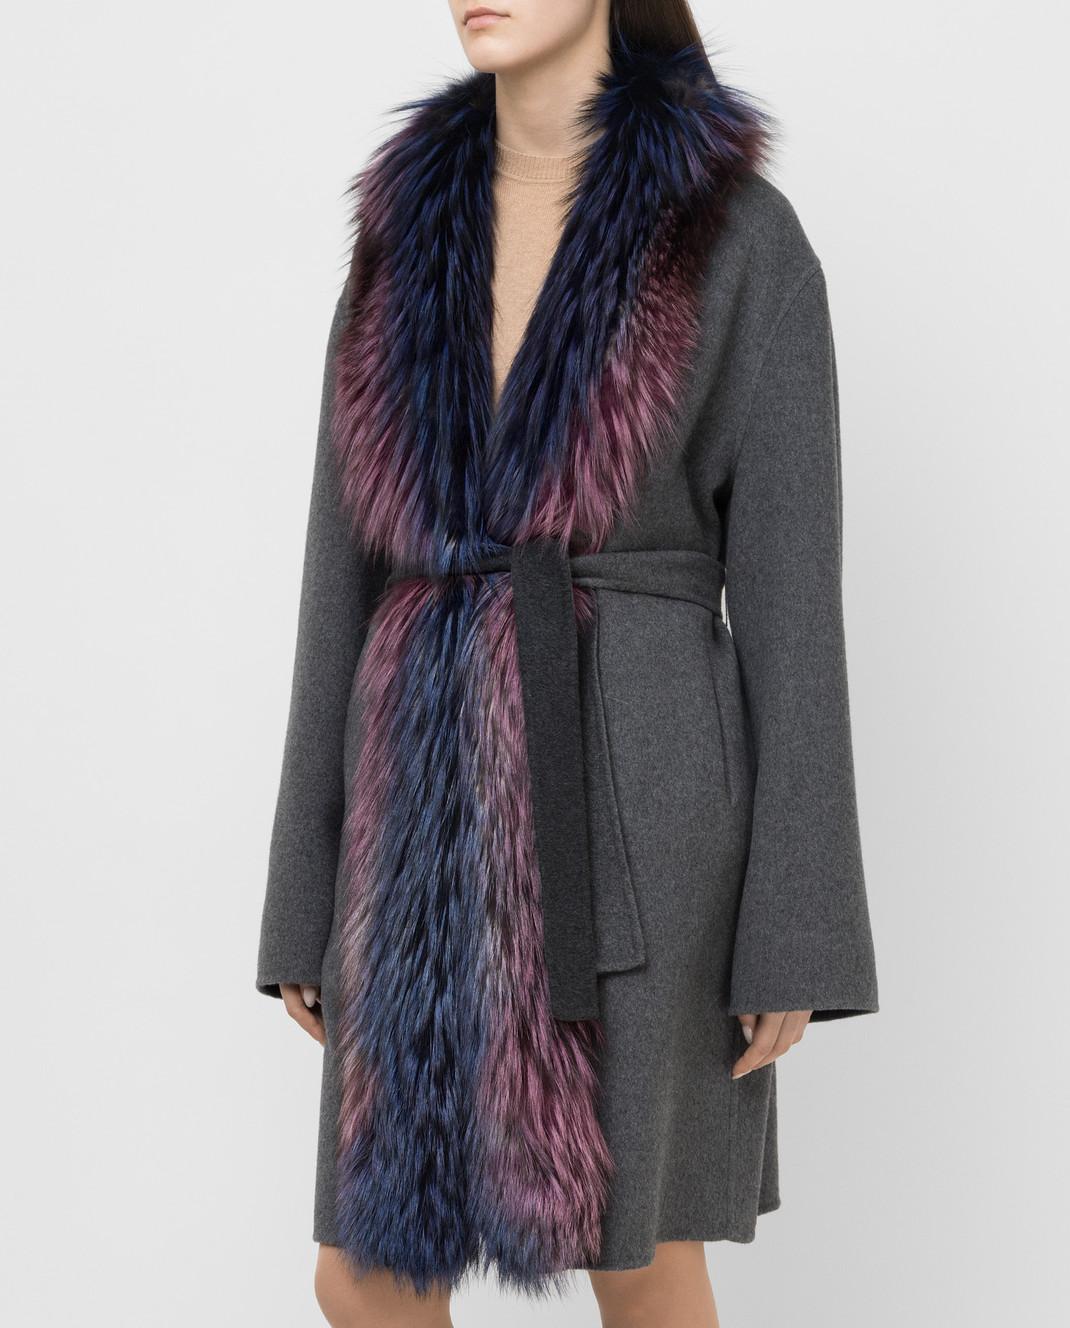 Rindi Серое пальто из кашемира с мехом лисы 262TE017 изображение 3